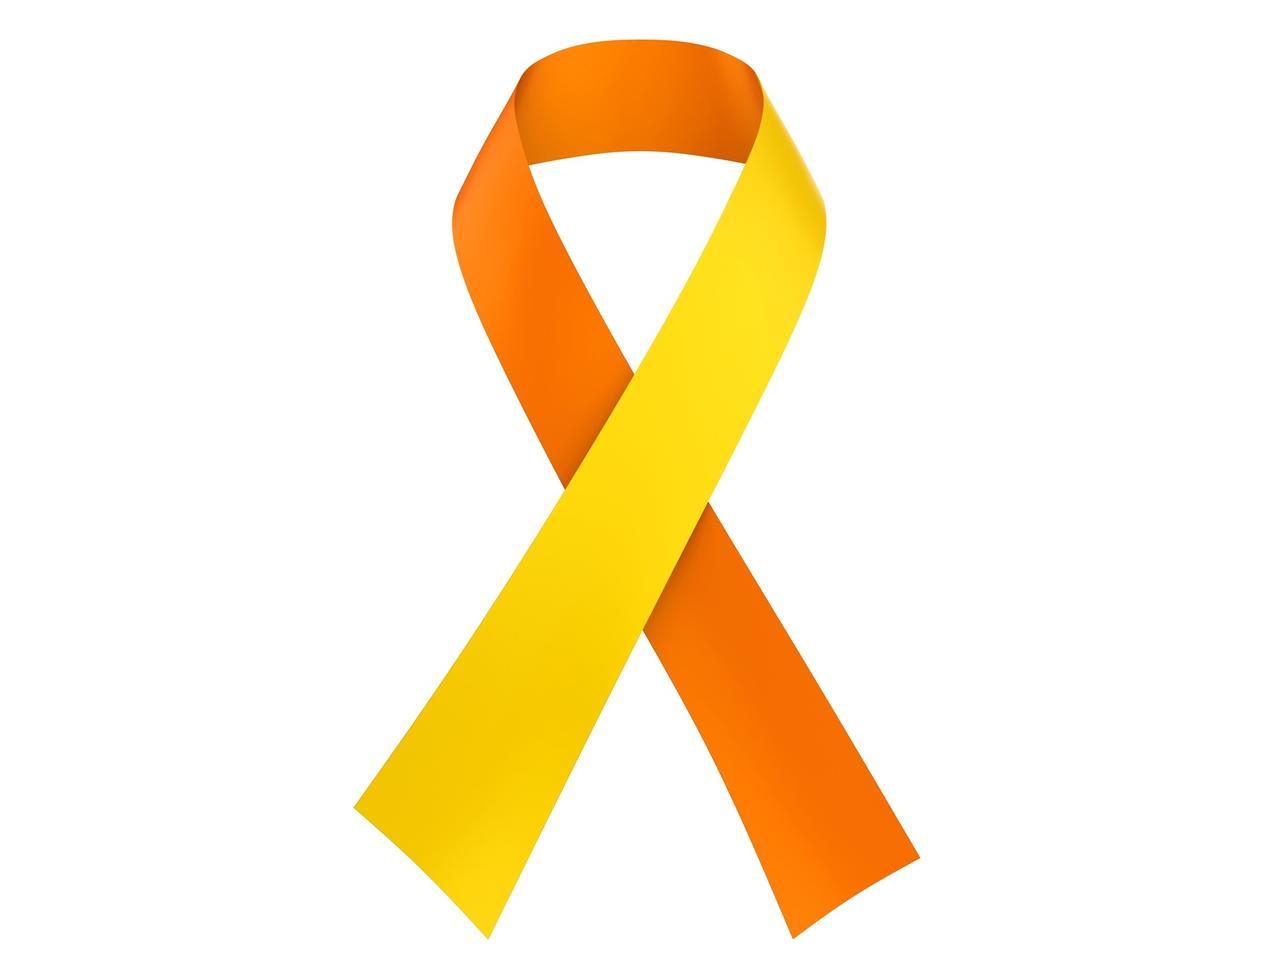 画像: 東京、アメリカ、イギリスなど世界各地で9月を自殺予防月間としている。黄色とオレンジ色のリボンは、10日の世界自殺予防デーを表わす色。